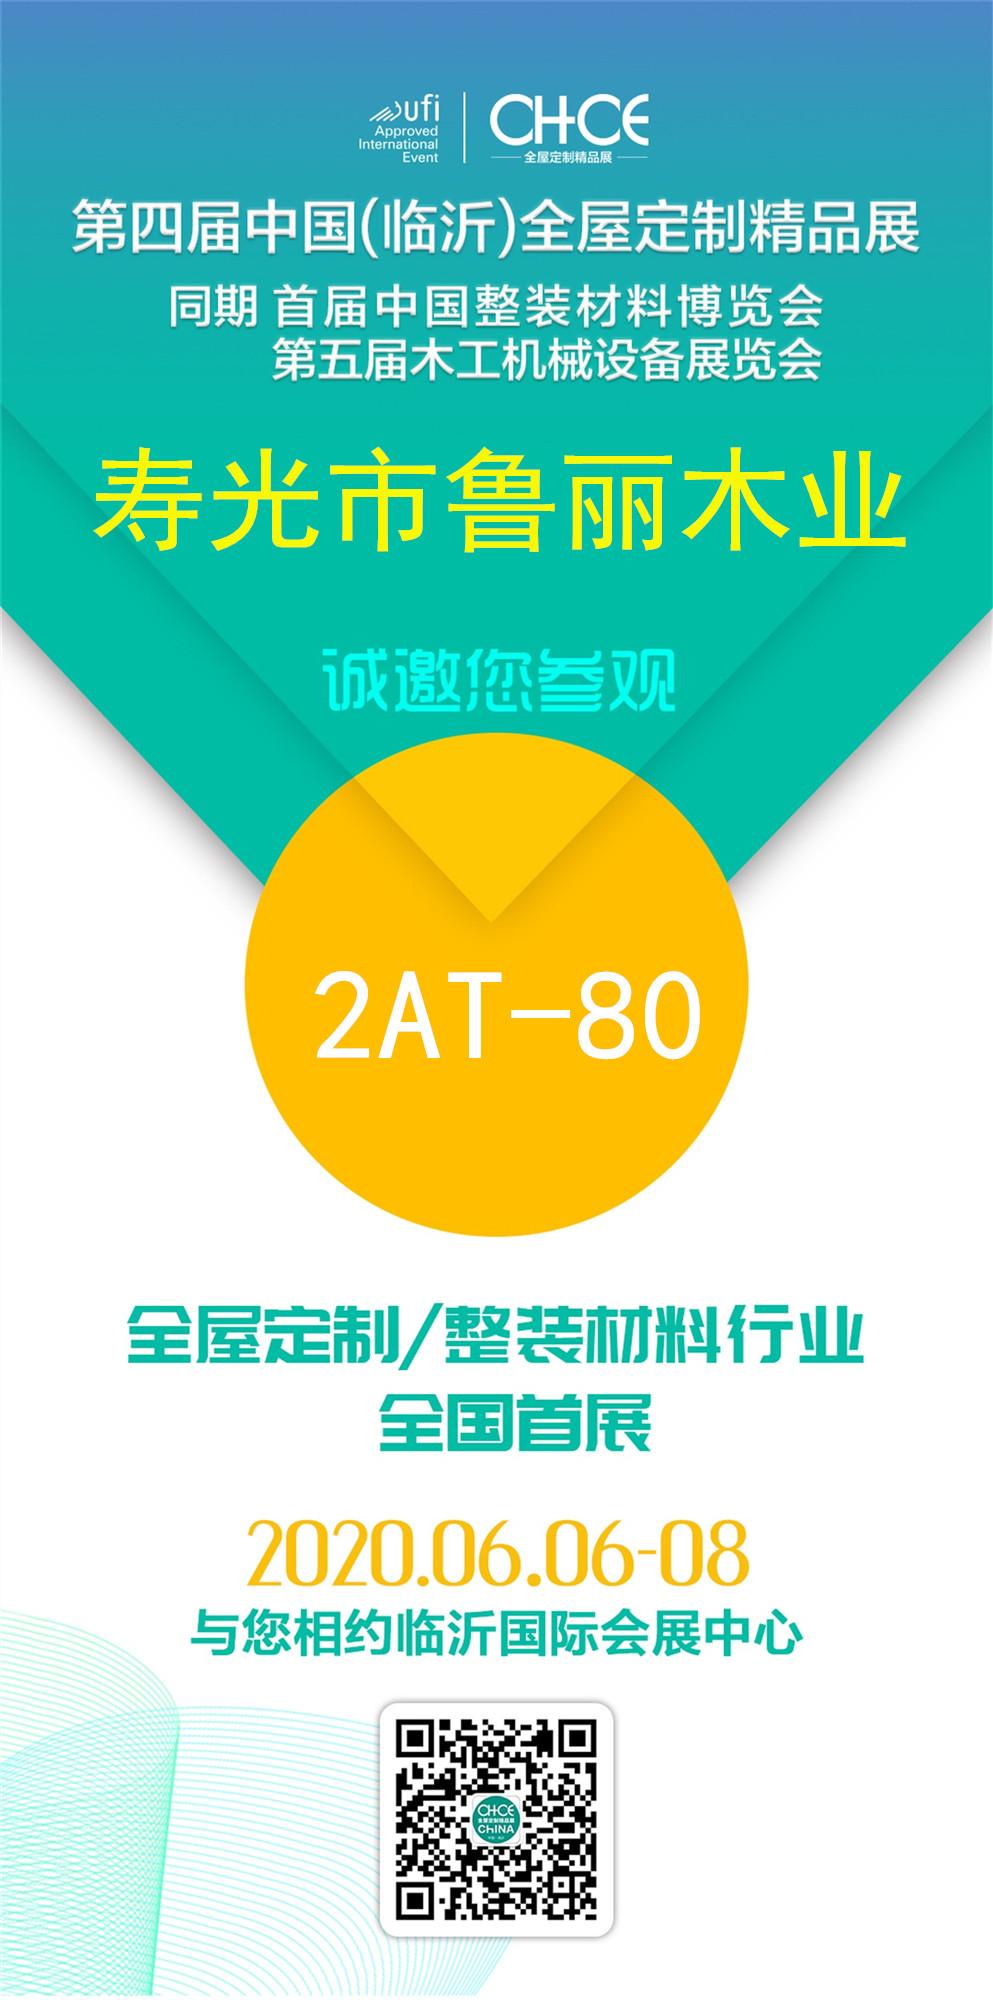 【AG正规网址大全邀請函】6月6-8日 第四屆臨沂全屋定製精品展會!